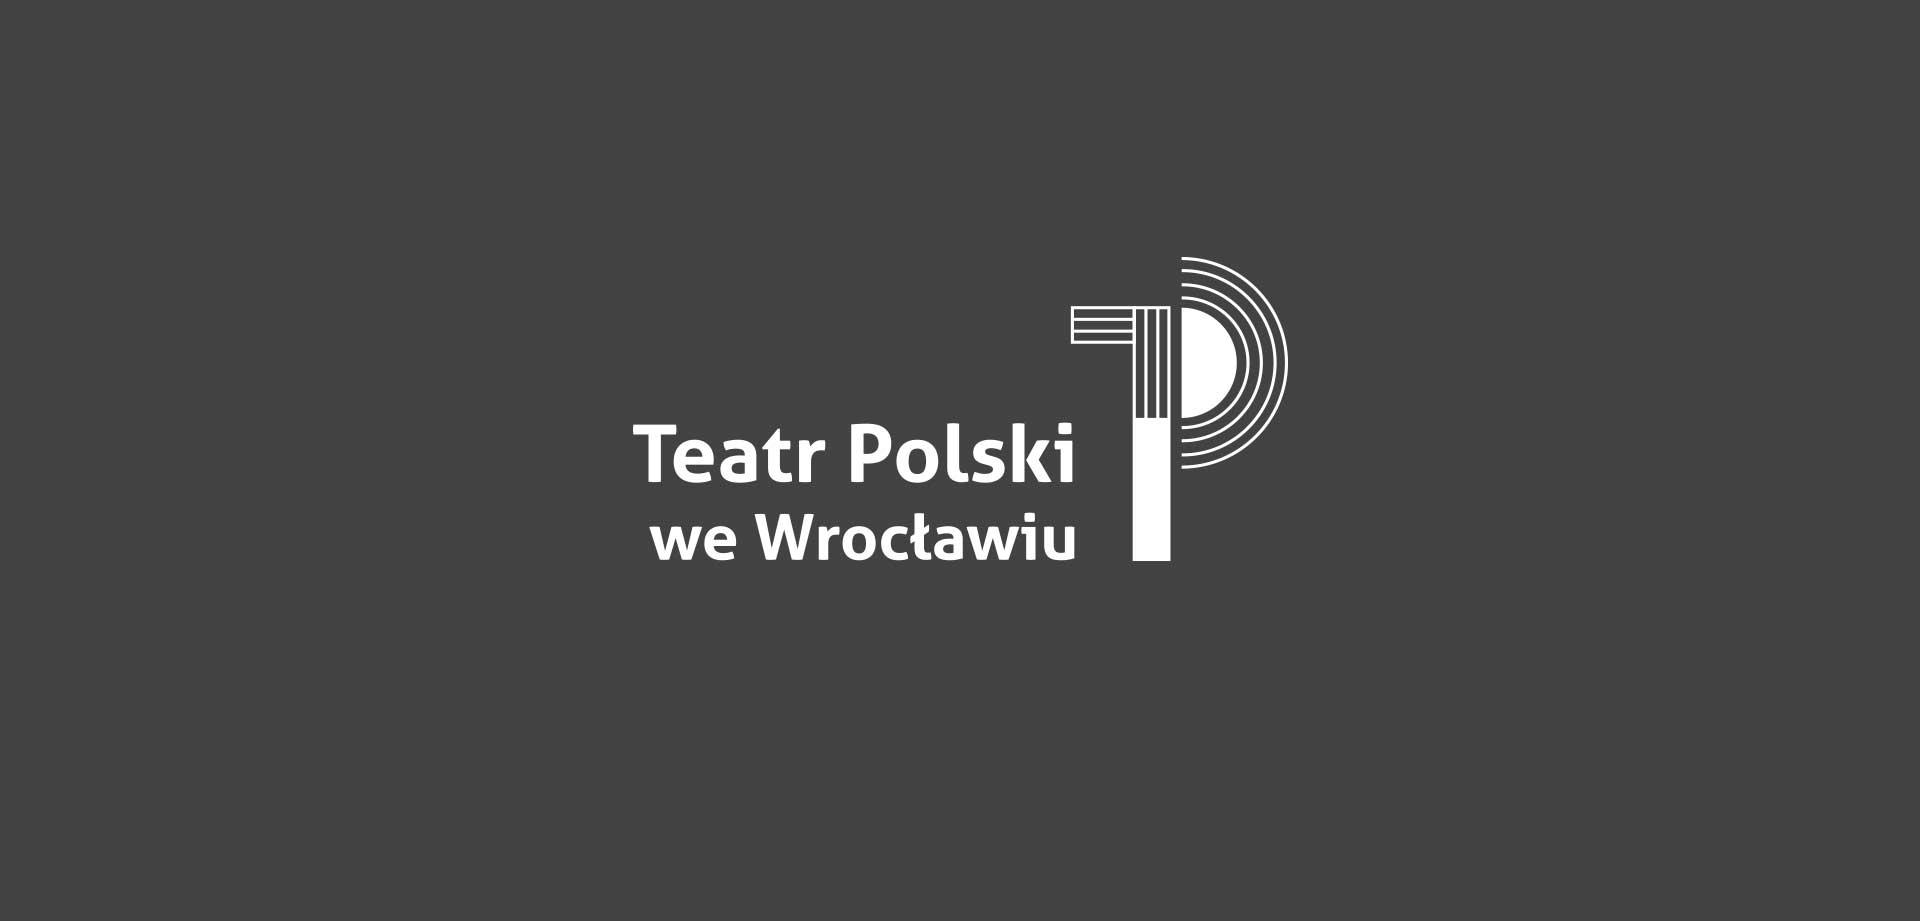 Teatr Polski we Wrocławiu Logo